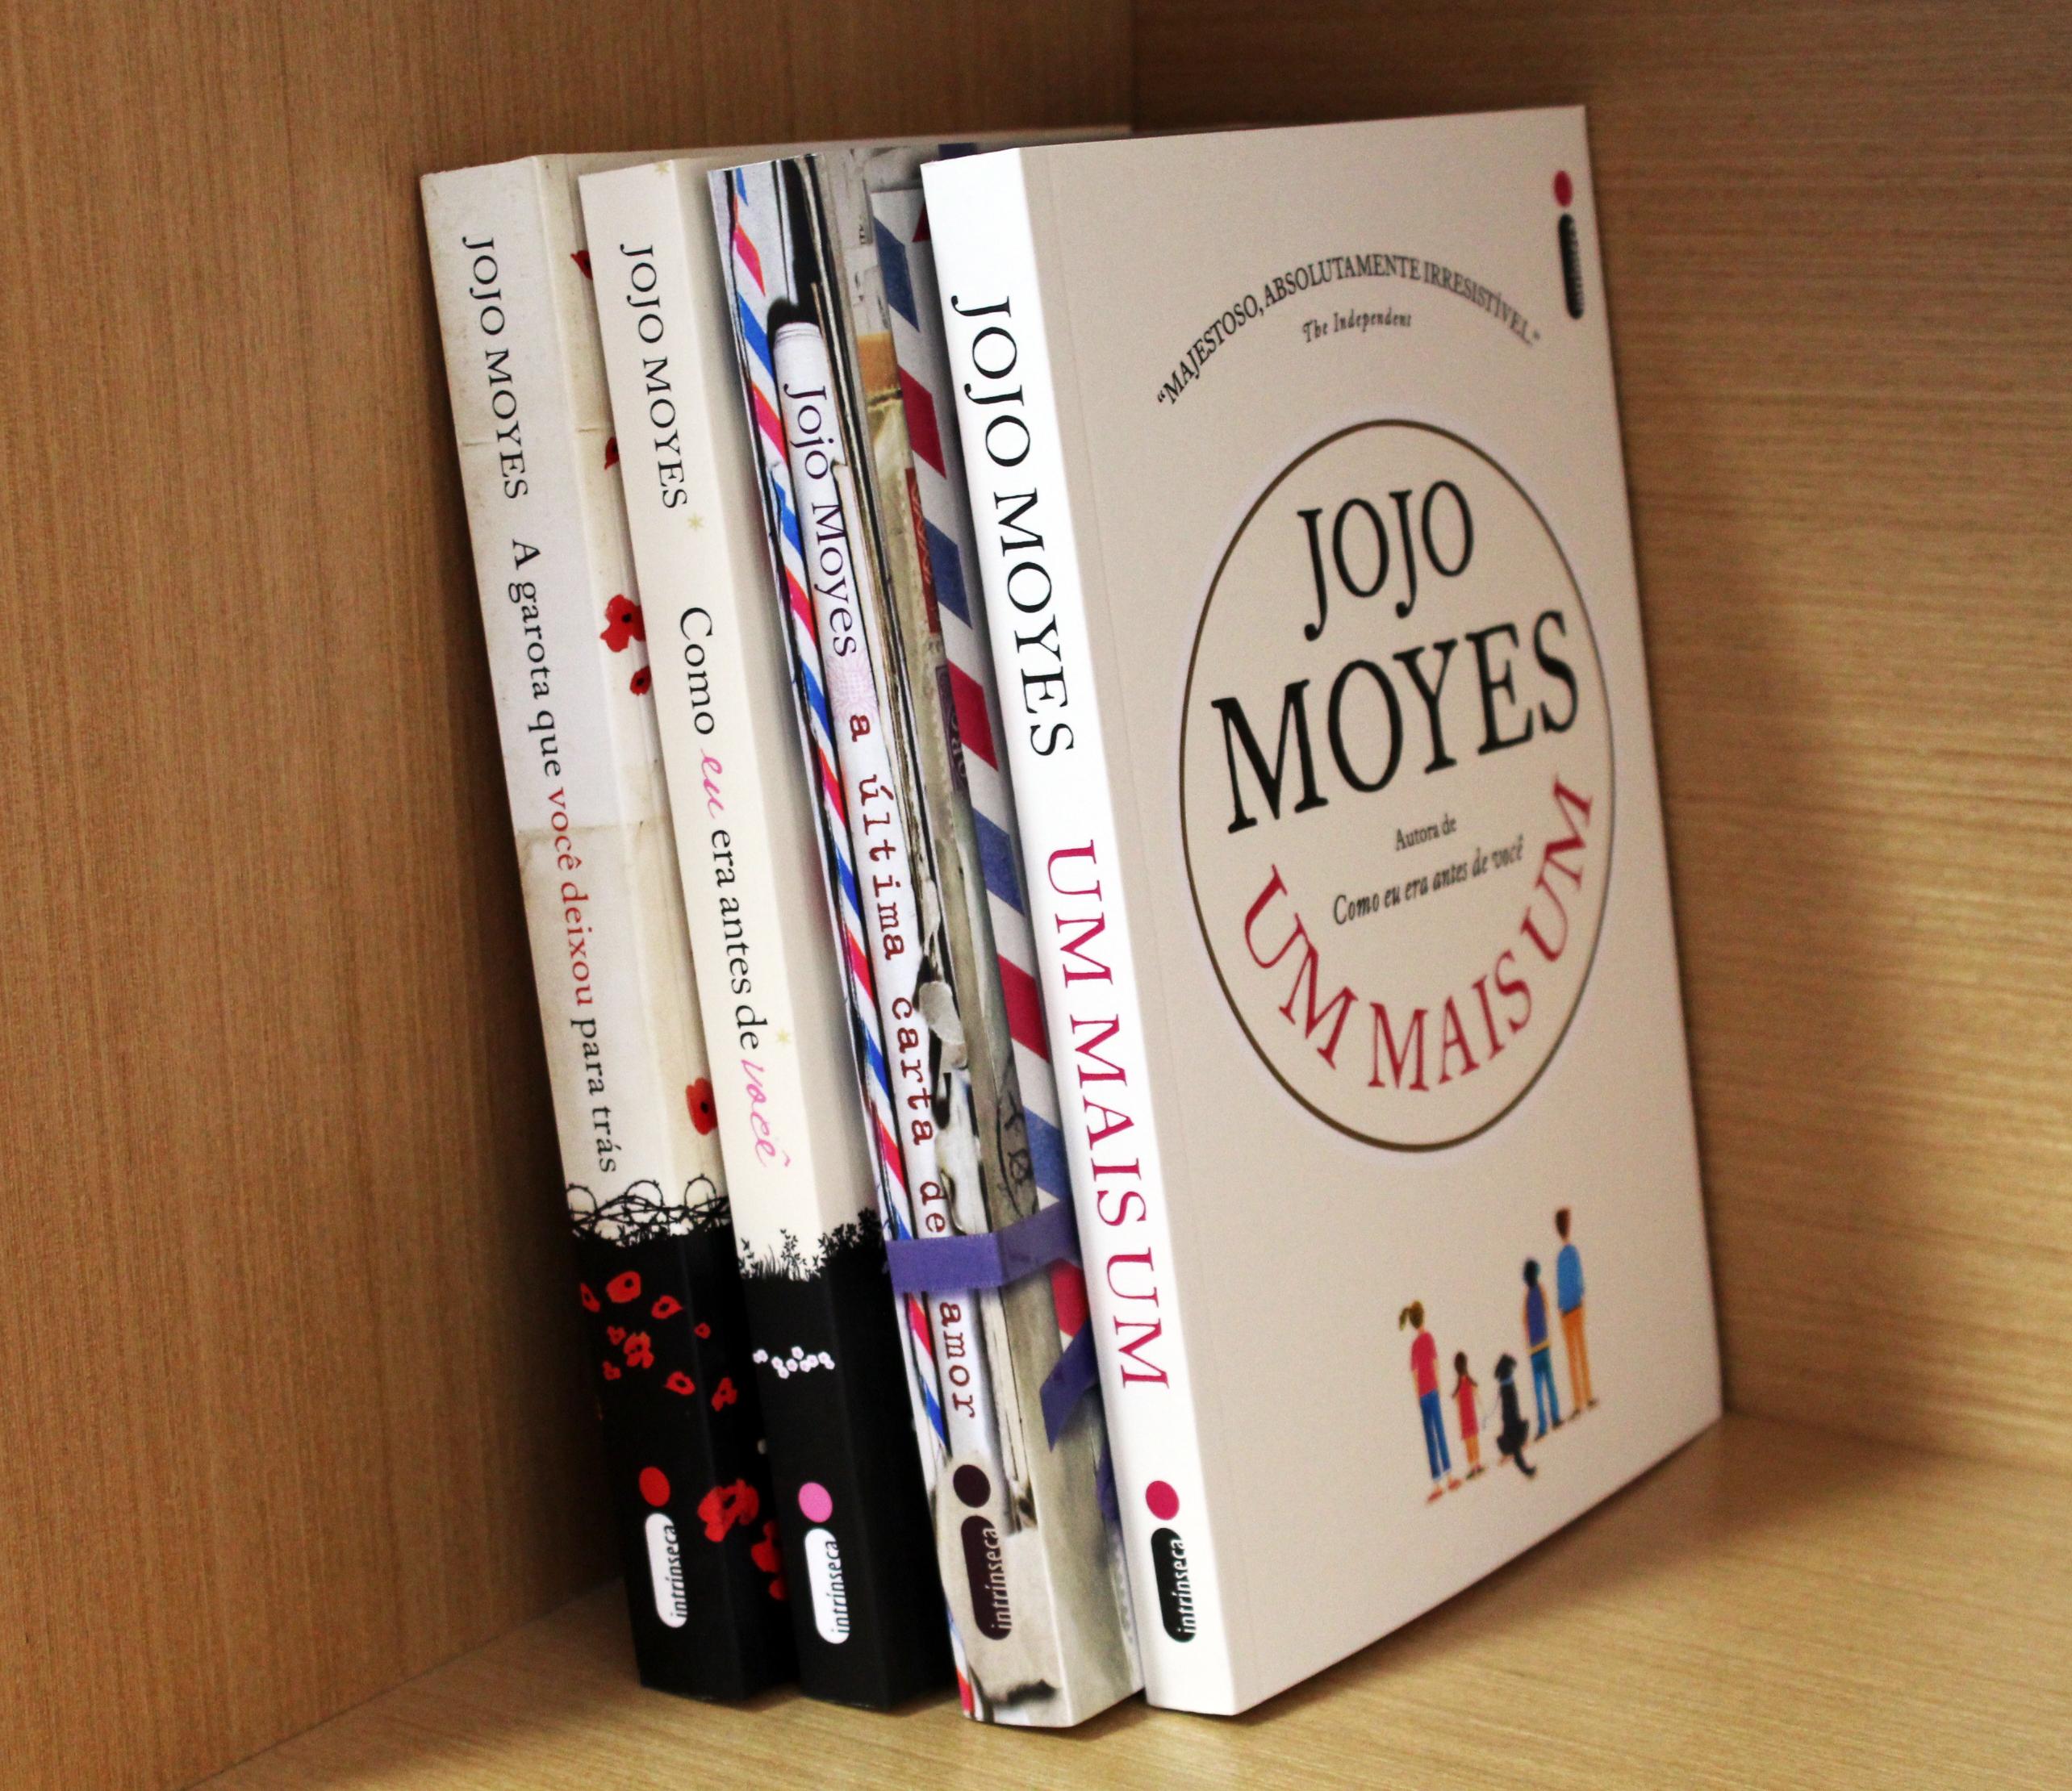 Livro: Viver sem ti de Jojo Moyes - Desabafos da Mula